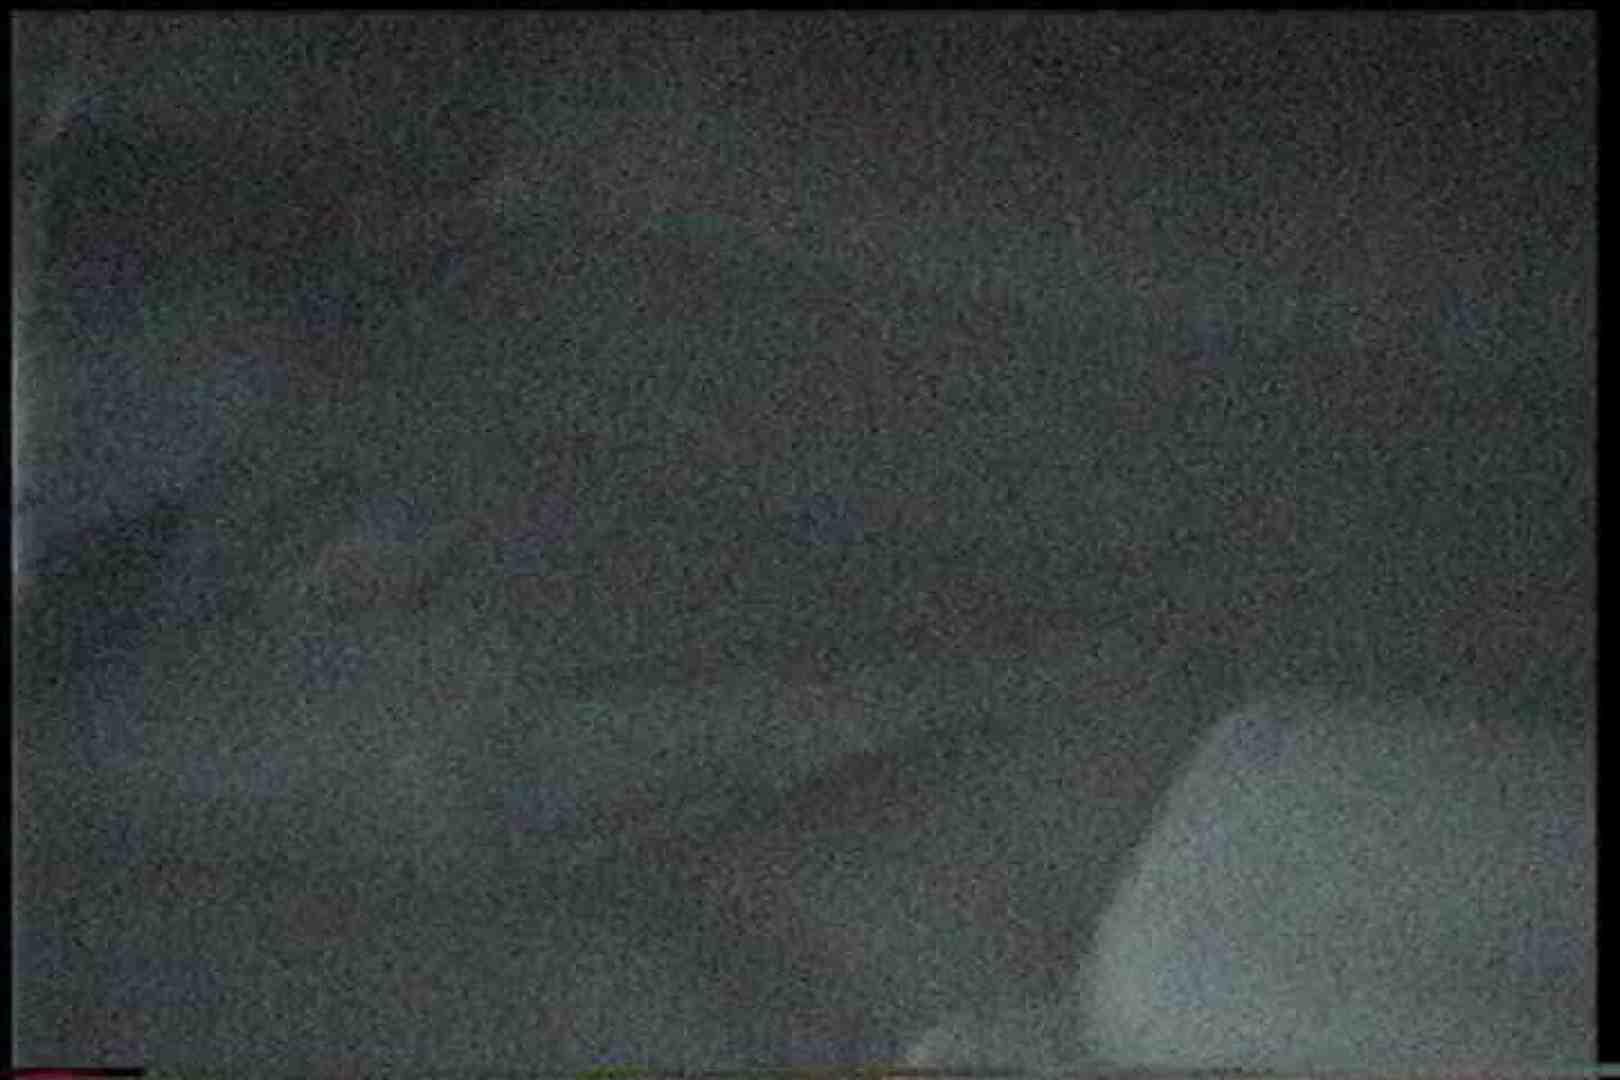 充血監督の深夜の運動会Vol.177 前編 エロティックなOL   カップル盗撮  88画像 69